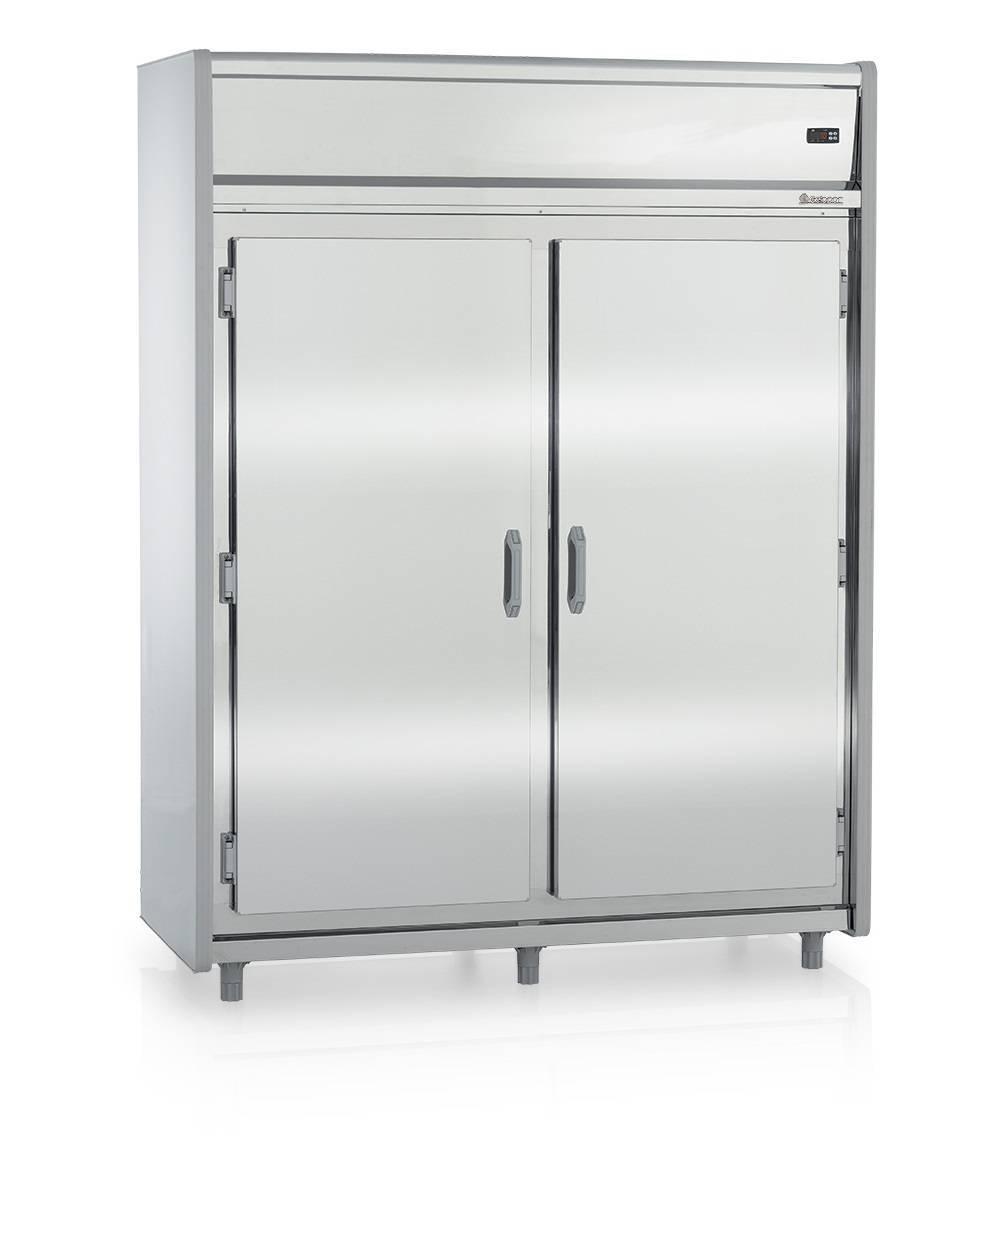 Mini Câmara Frigorifica Gelopar Aço inox GMCR1600